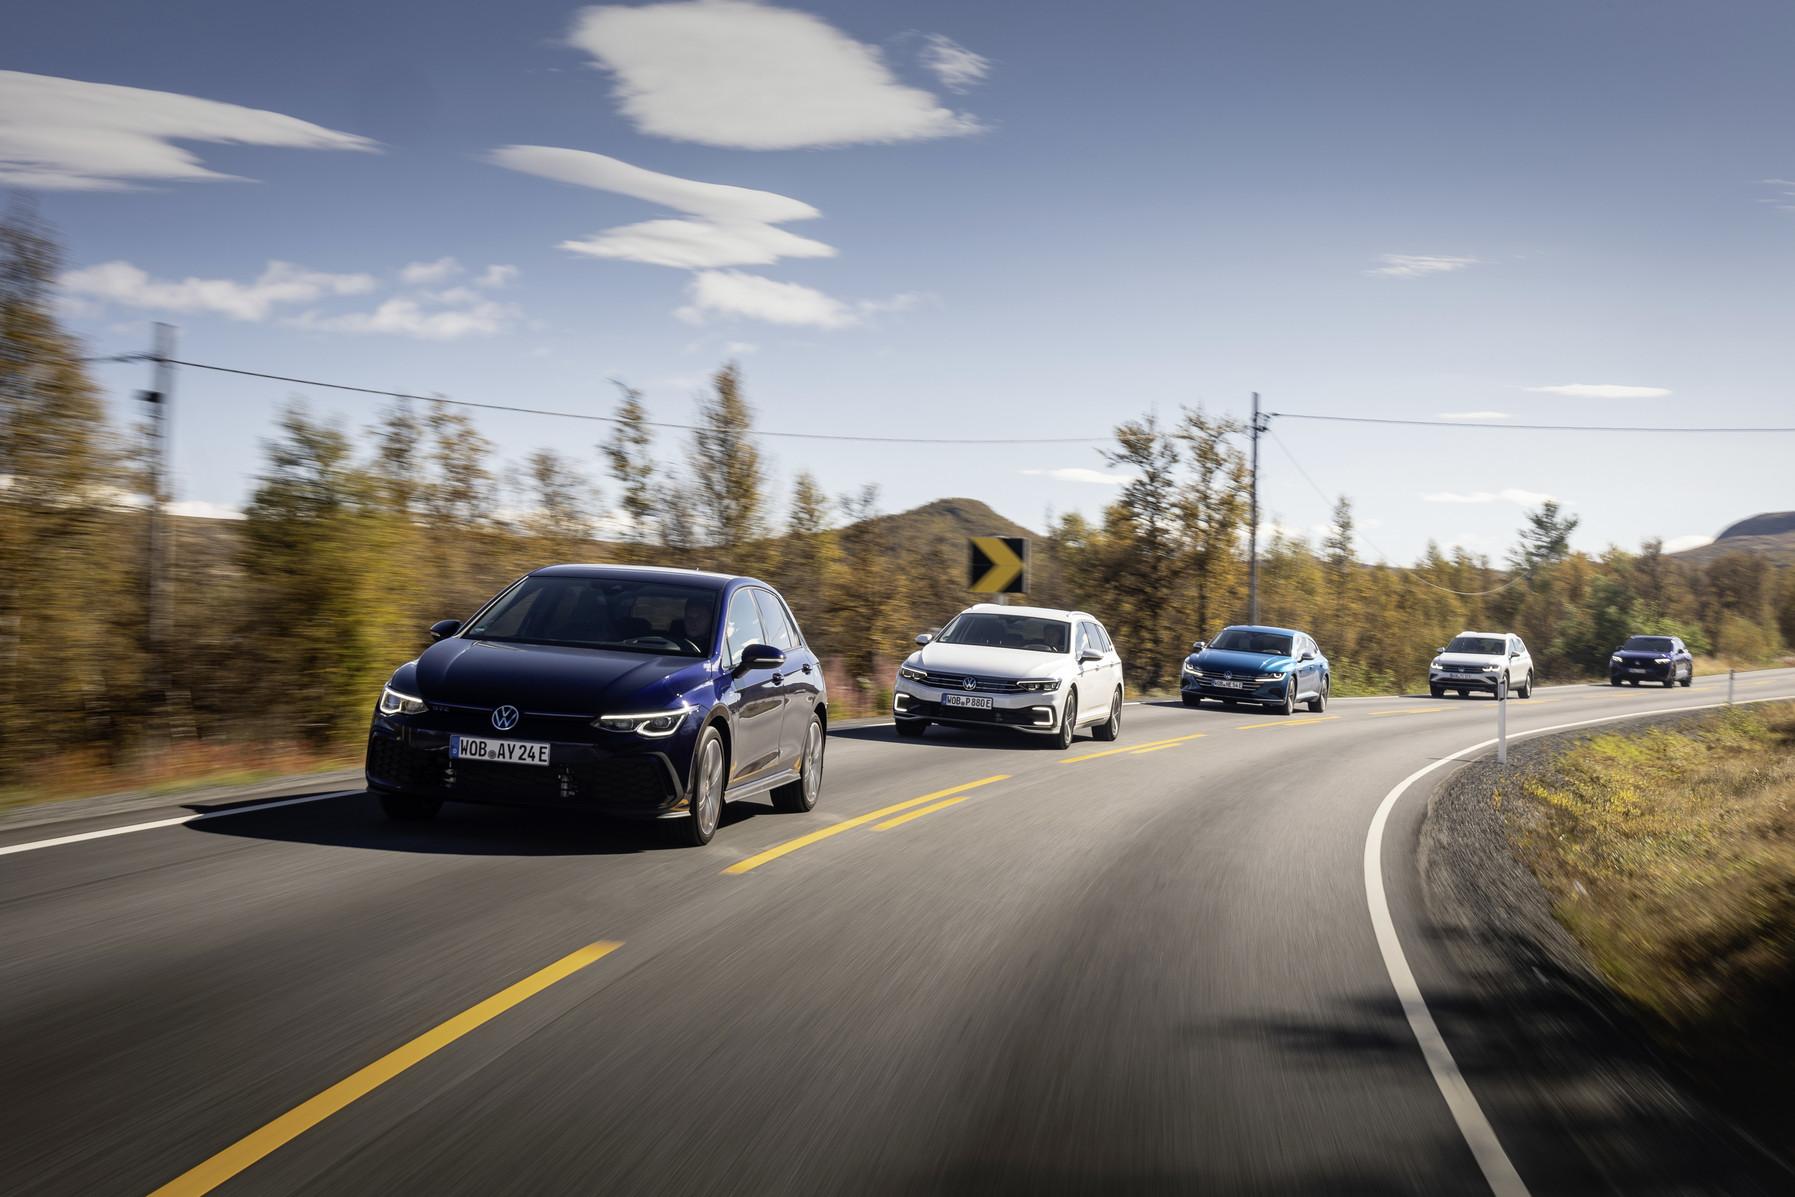 Die Plug-In Hybridautos von Volkswagen erfüllen auch die strengen Förderrichtlinien